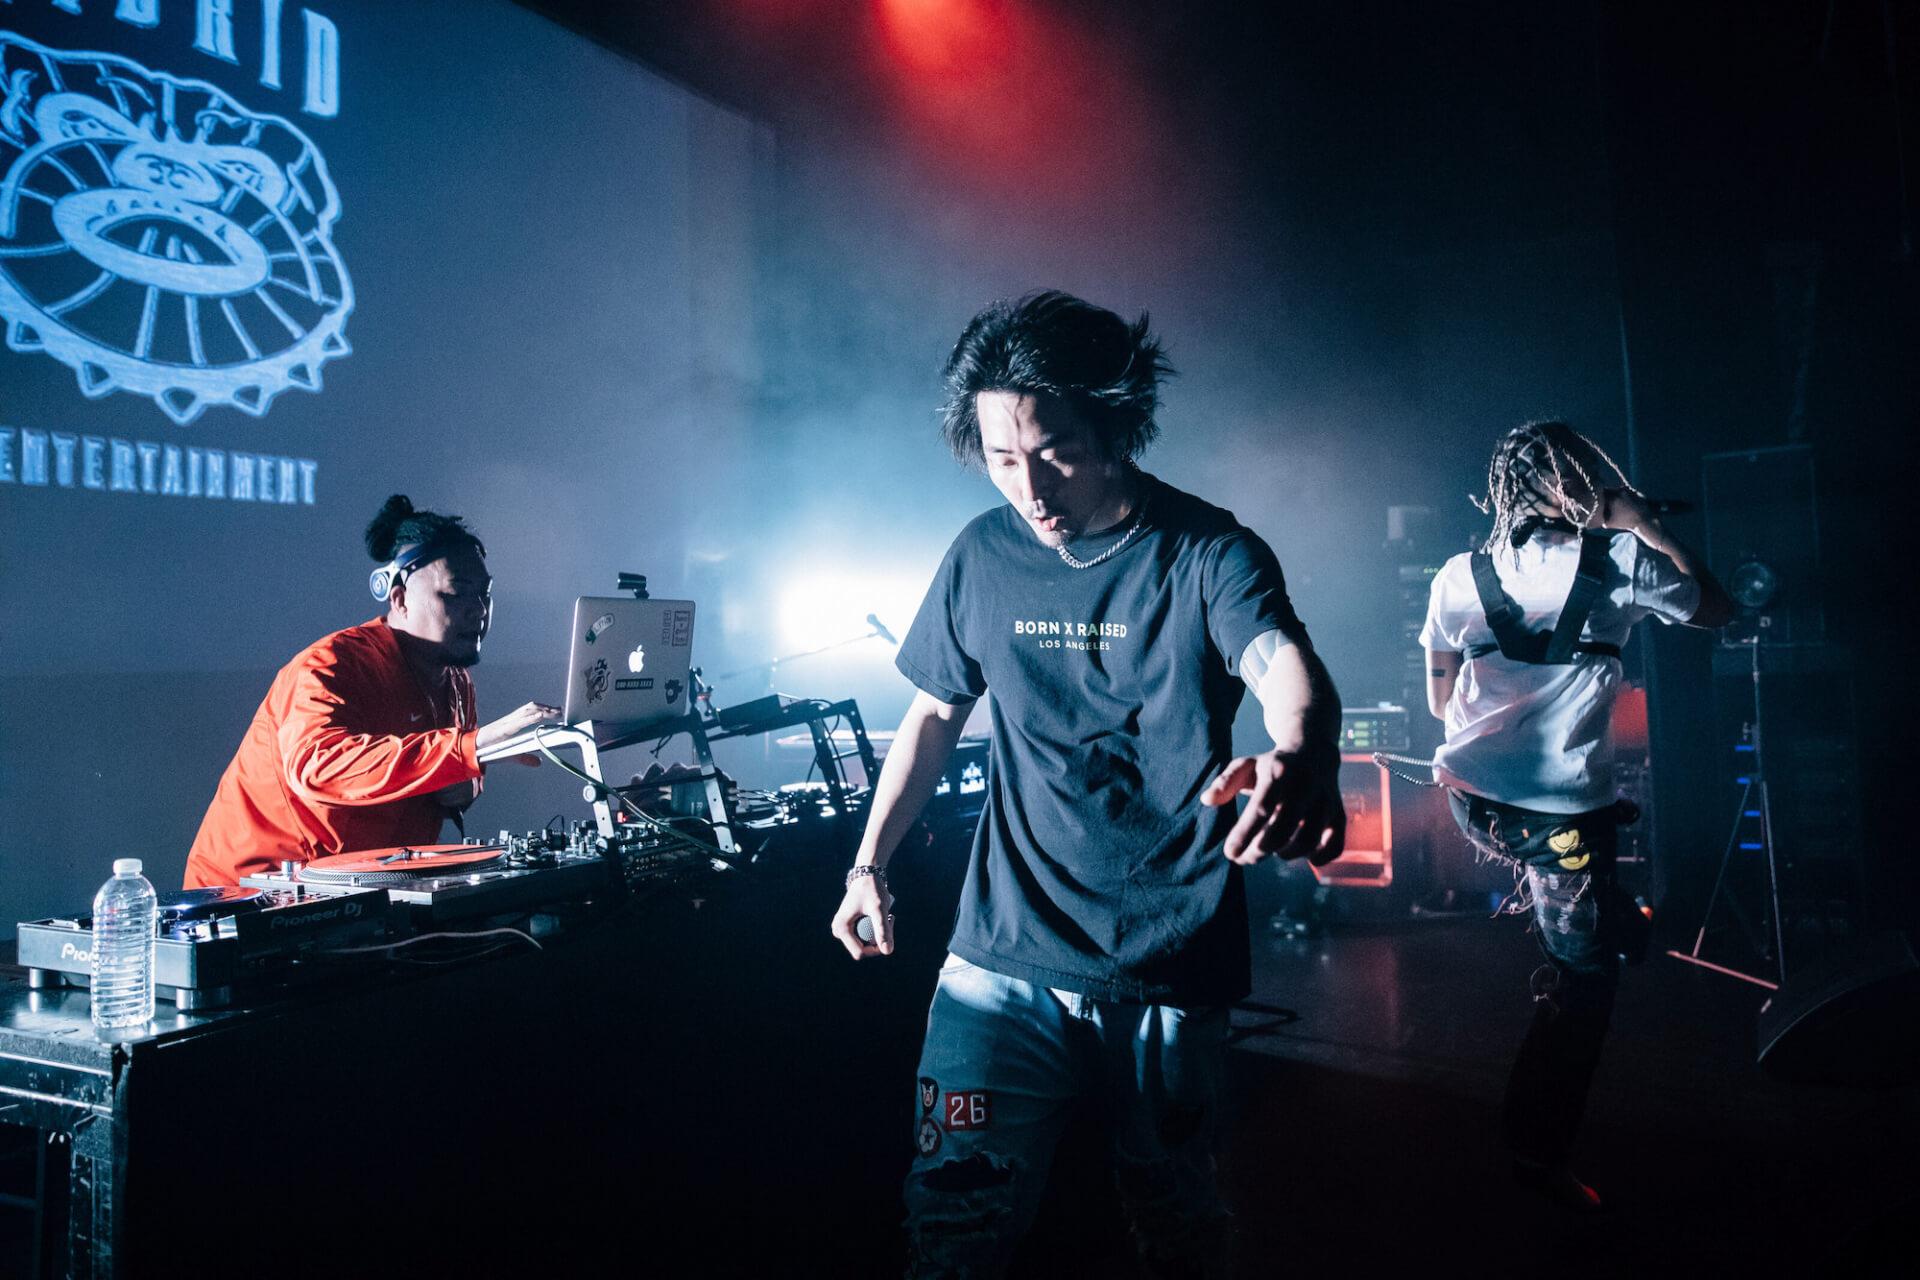 【レポート】RED BULL MUSIC FESTIVAL TOKYO AND 88RISING PRESENT:JAPAN RISING music190412-red-bull-music-festival-tokyo-2019-japan-rising-71